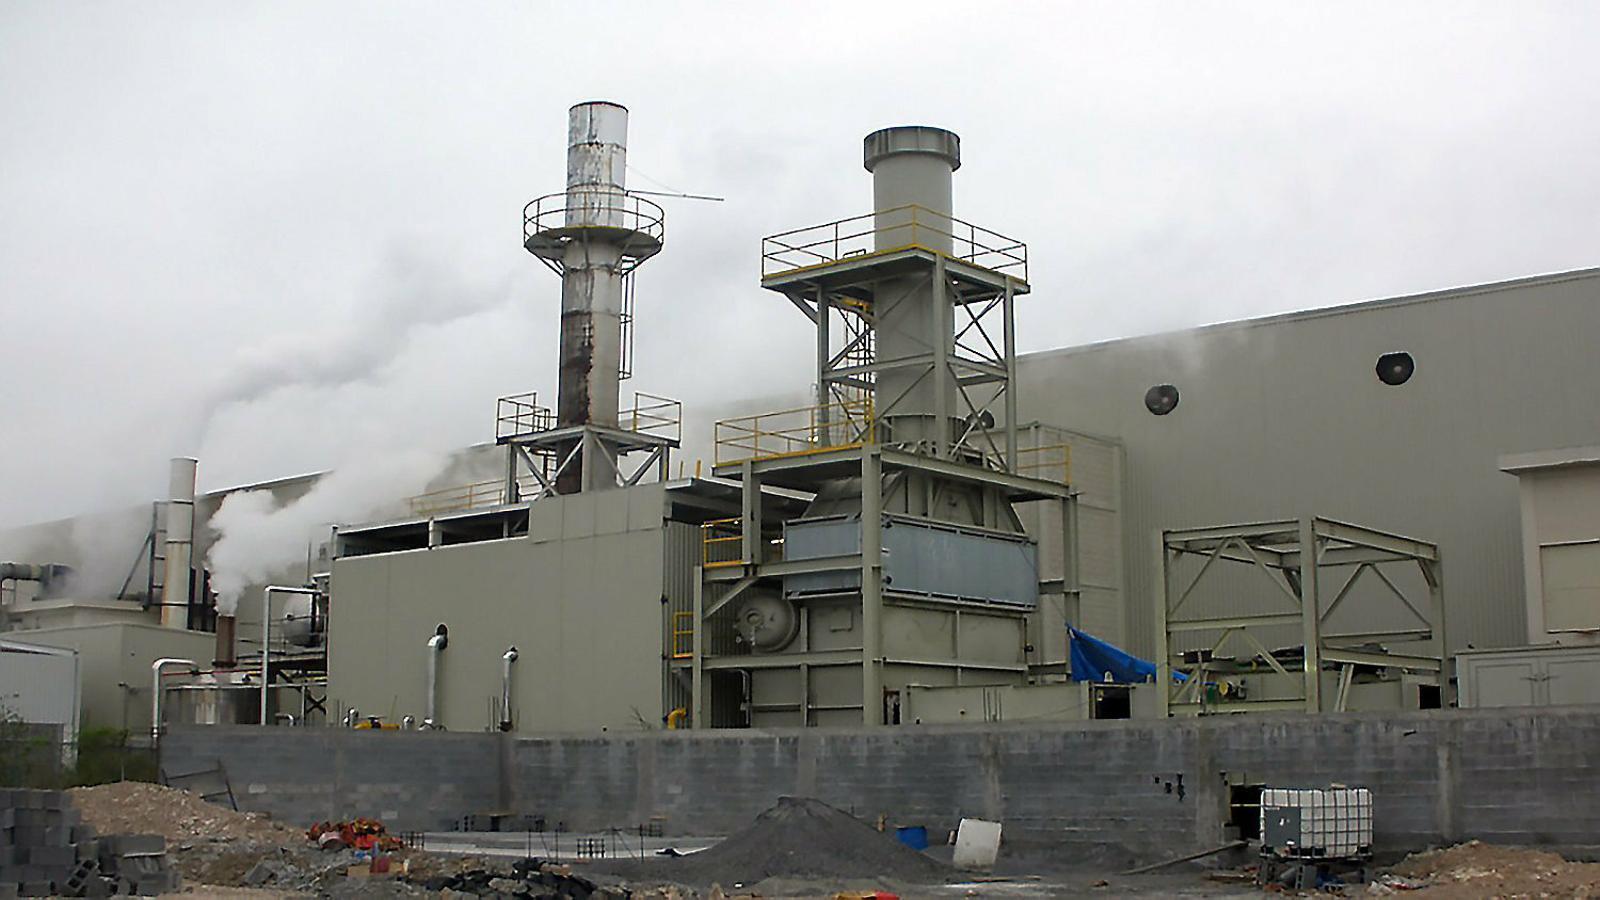 Una planta de cogeneració, que fa servir l'escalfor del vapor dels processos de producció industrial per ser més eficient energèticament, en una imatge d'arxiu.